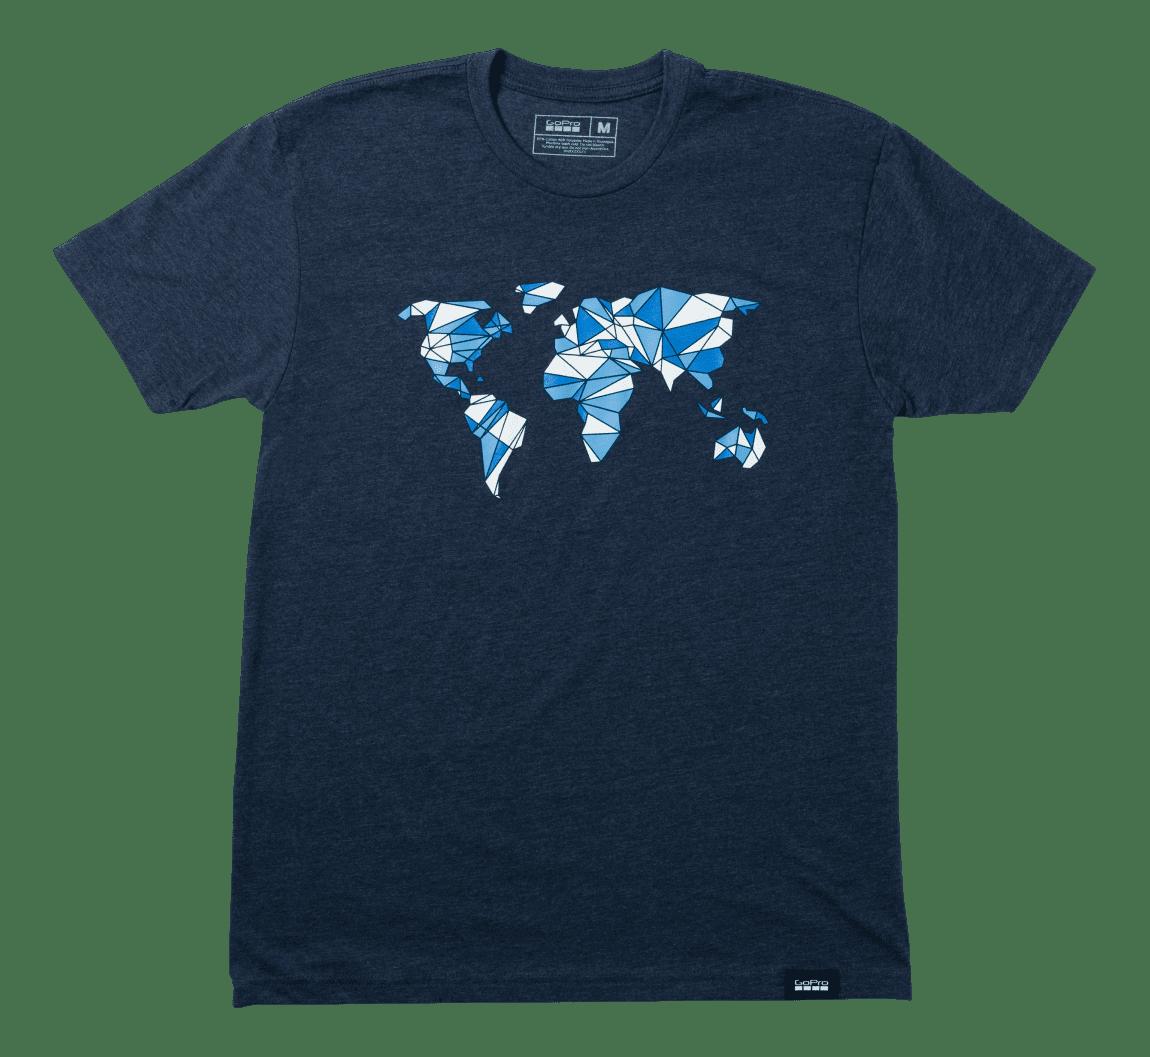 T-Shirt-mit-Grafik-Global-Vorderseite-Bild